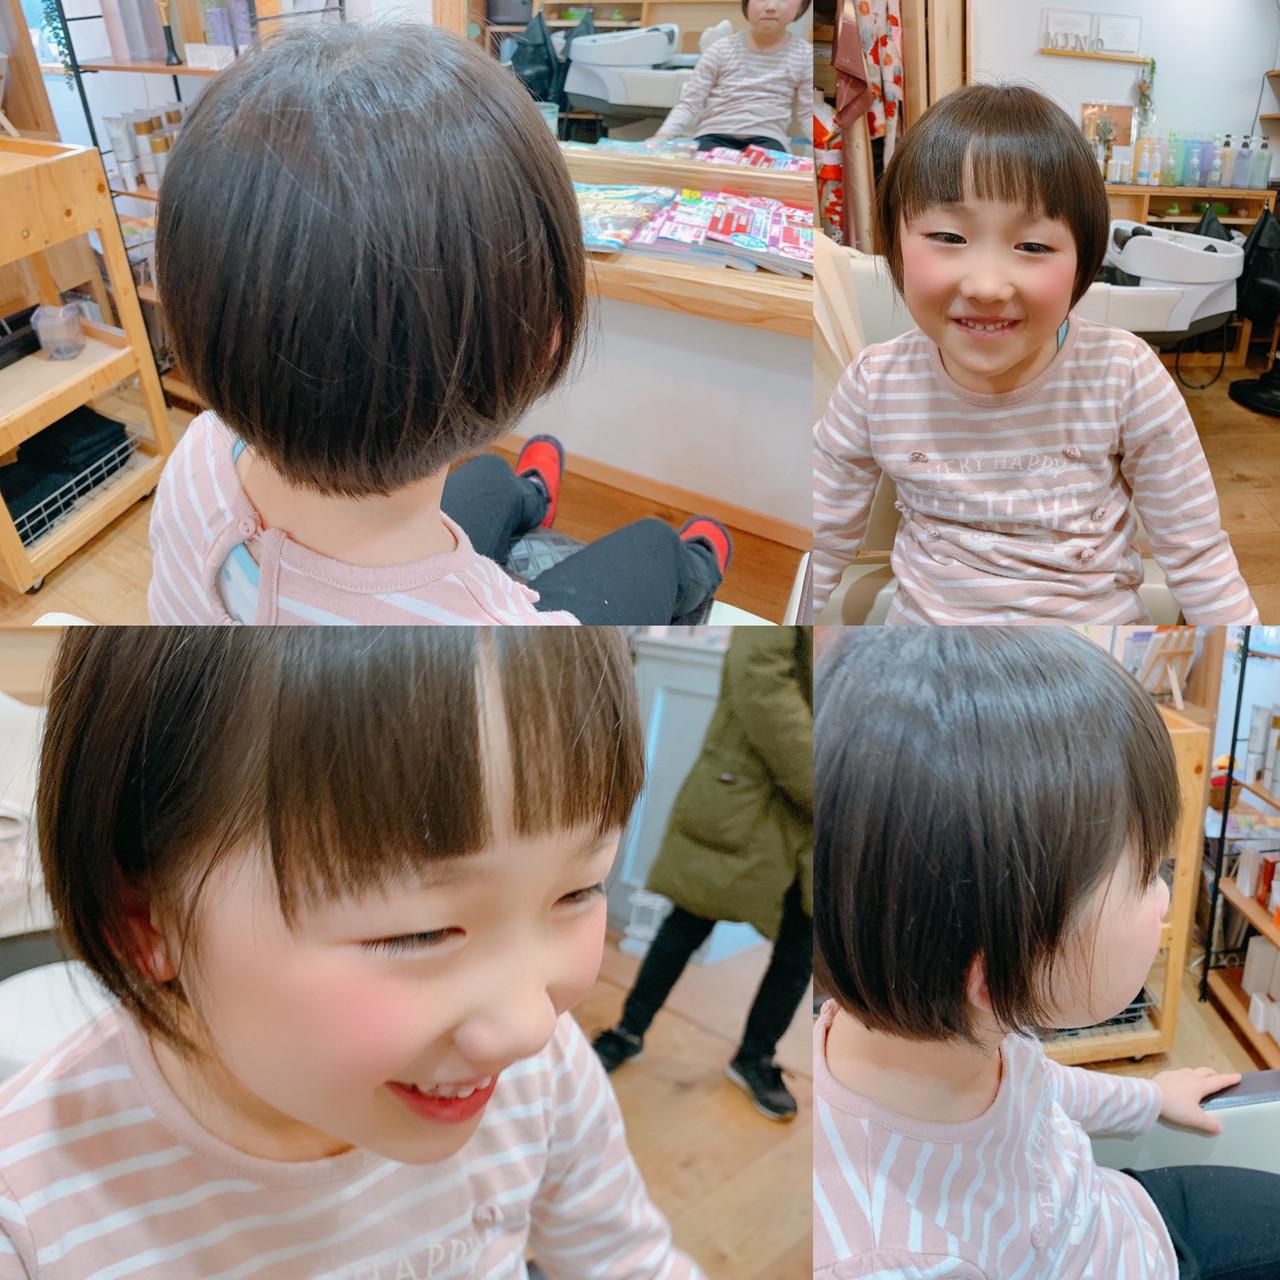 ナチュラル ショート ショートカット キッズカット ヘアスタイルや髪型の写真・画像